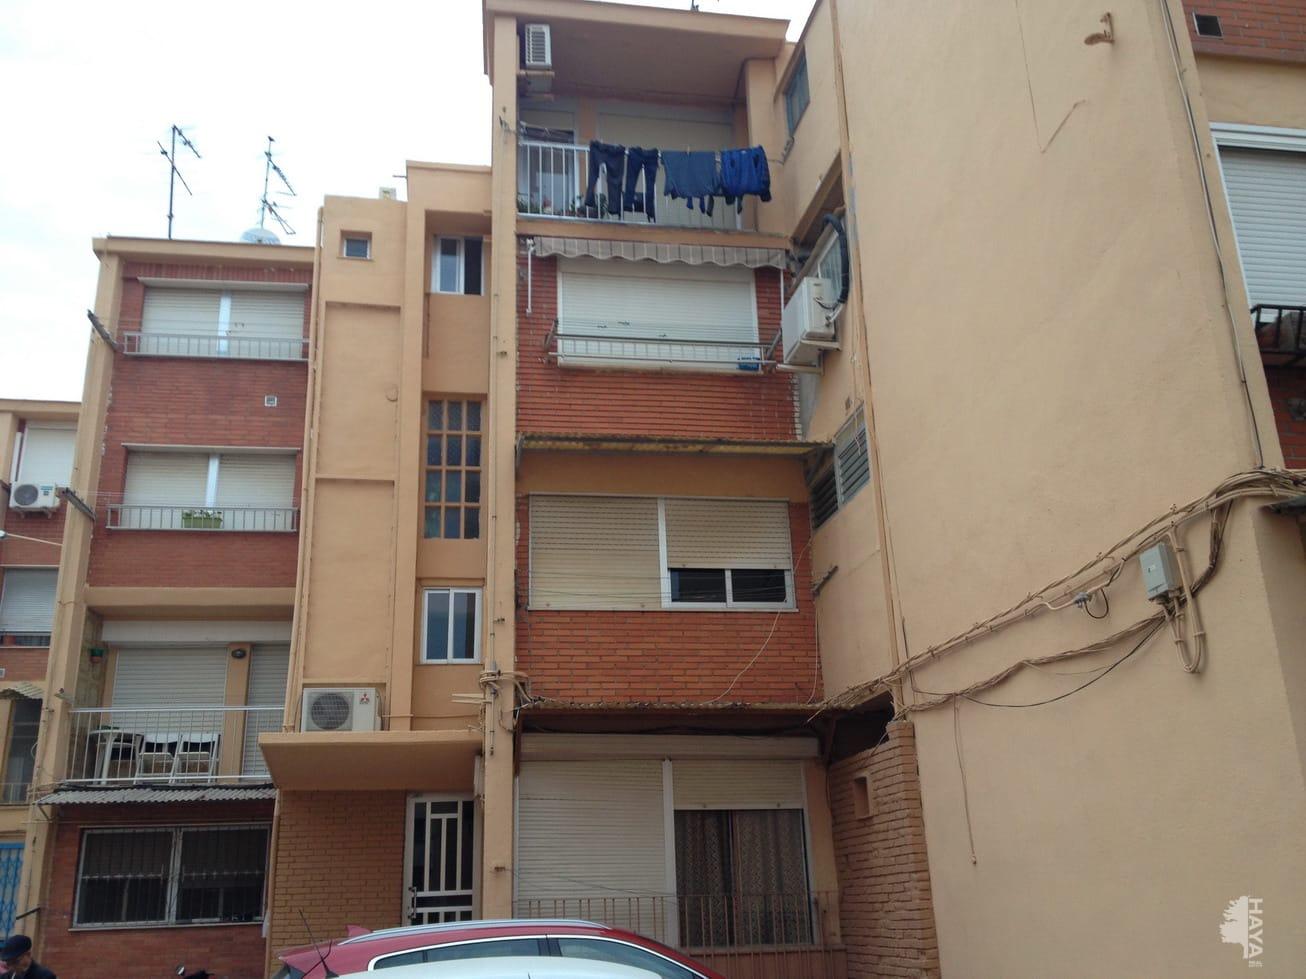 Piso en venta en Benicarló, Castellón, Avenida Marqués de Benicarló, 38.723 €, 3 habitaciones, 1 baño, 62 m2